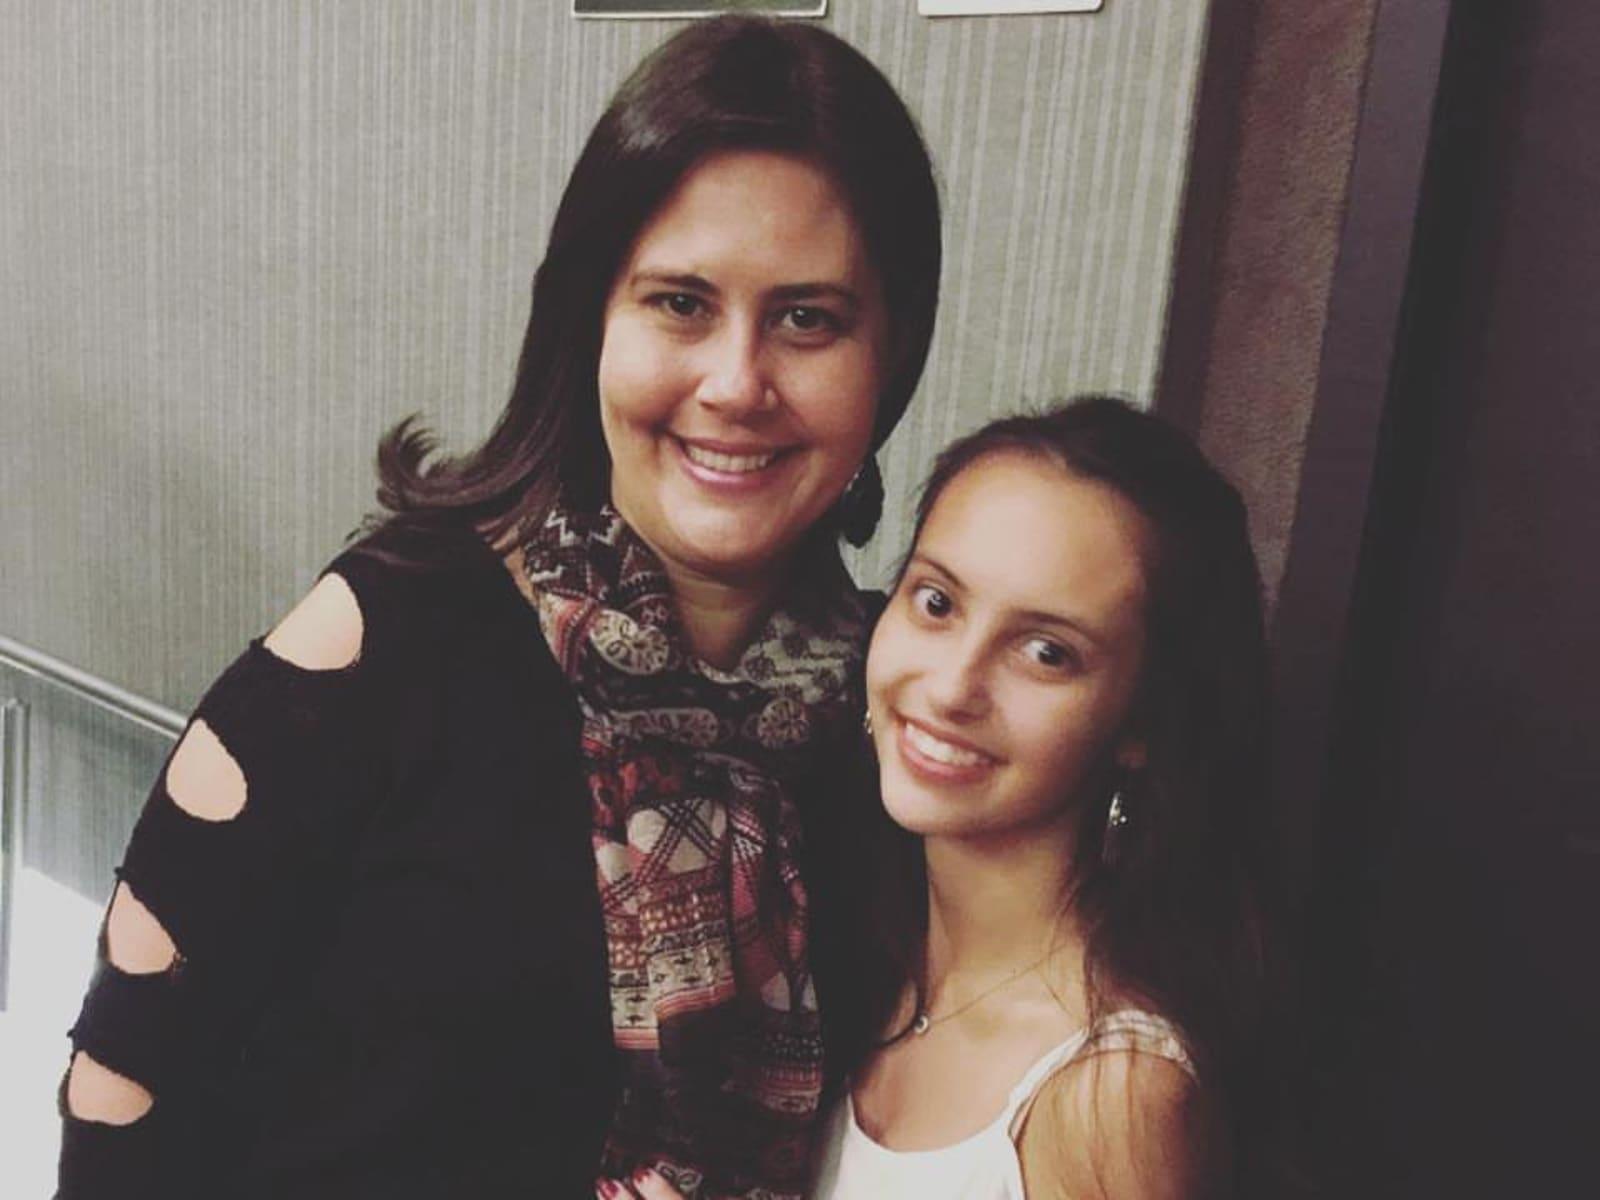 Manuela from Rio de Janeiro, Brazil